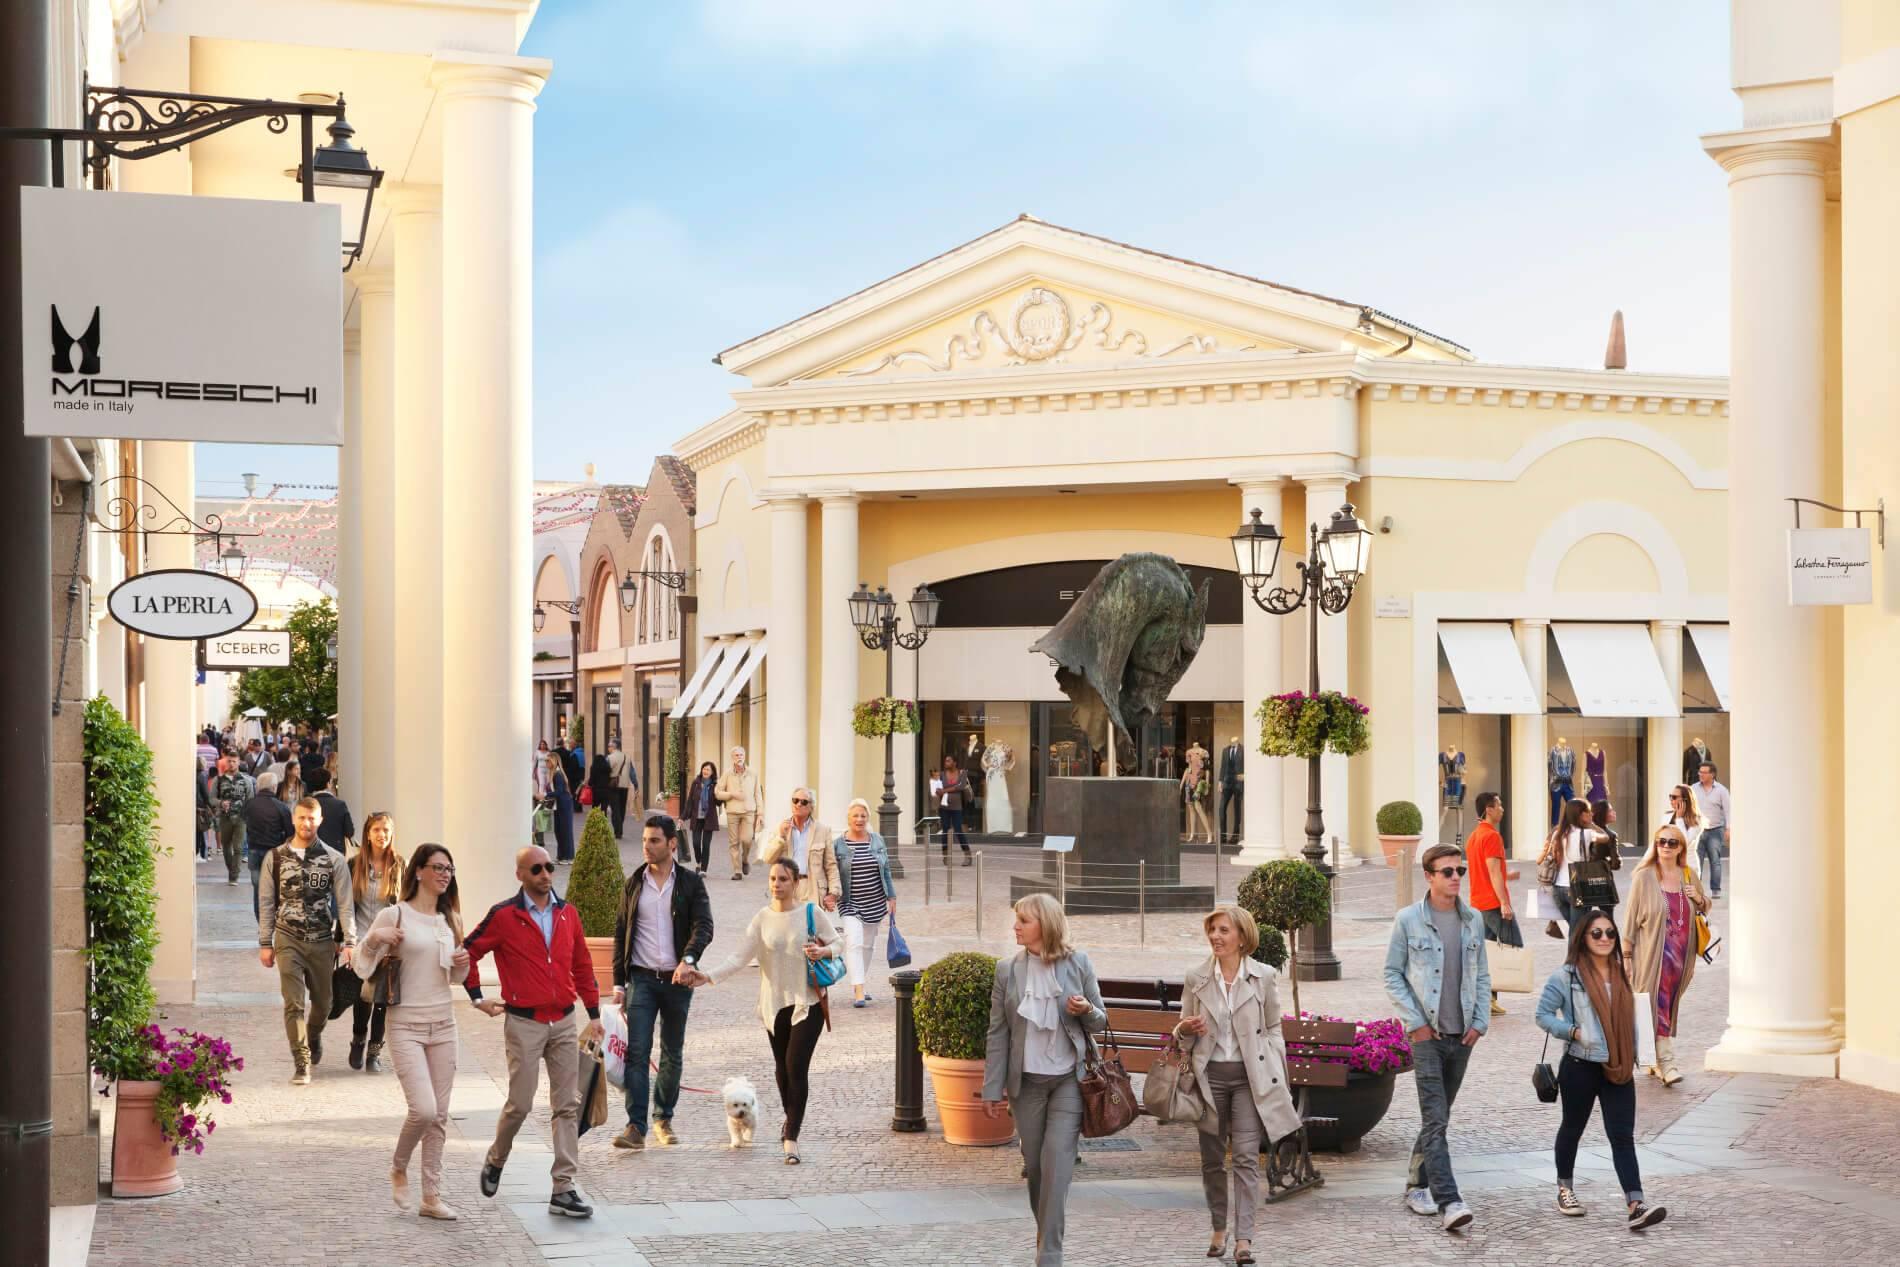 Шоппинг в италии — адреса бутиков, распродажи 2021, шоппинг в городах италии